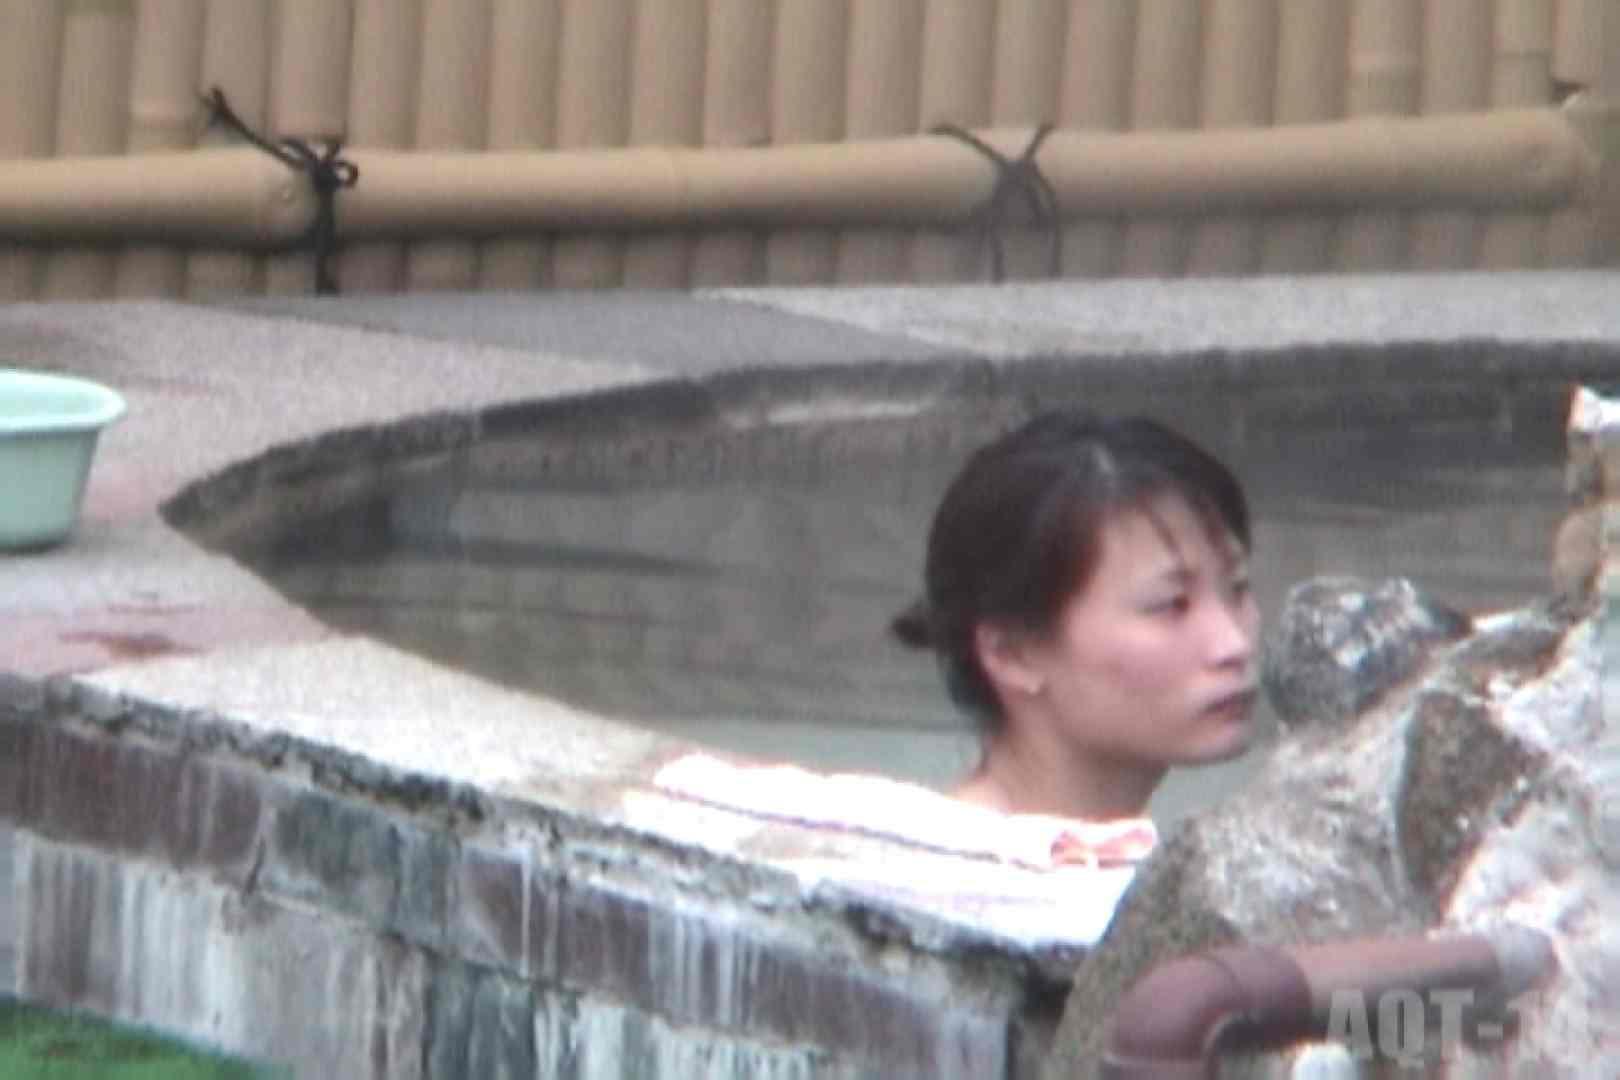 Aquaな露天風呂Vol.822 OLのエロ生活  62連発 24